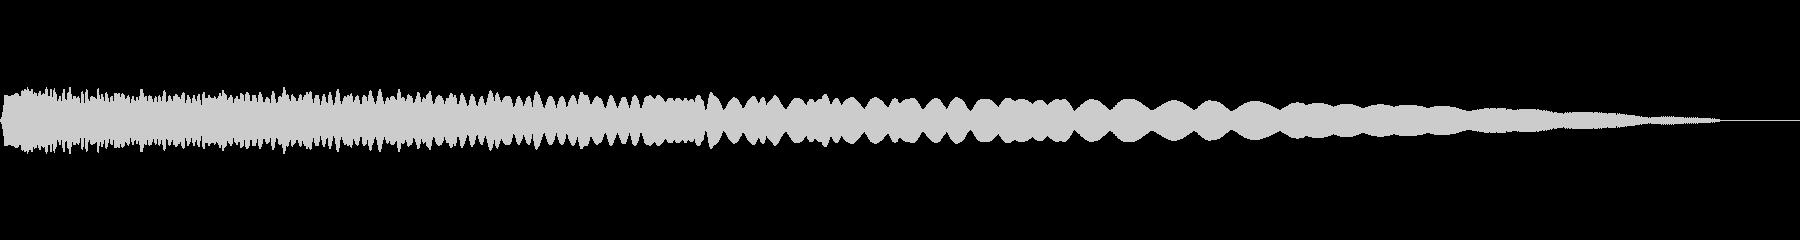 落下・物を投げる音の未再生の波形